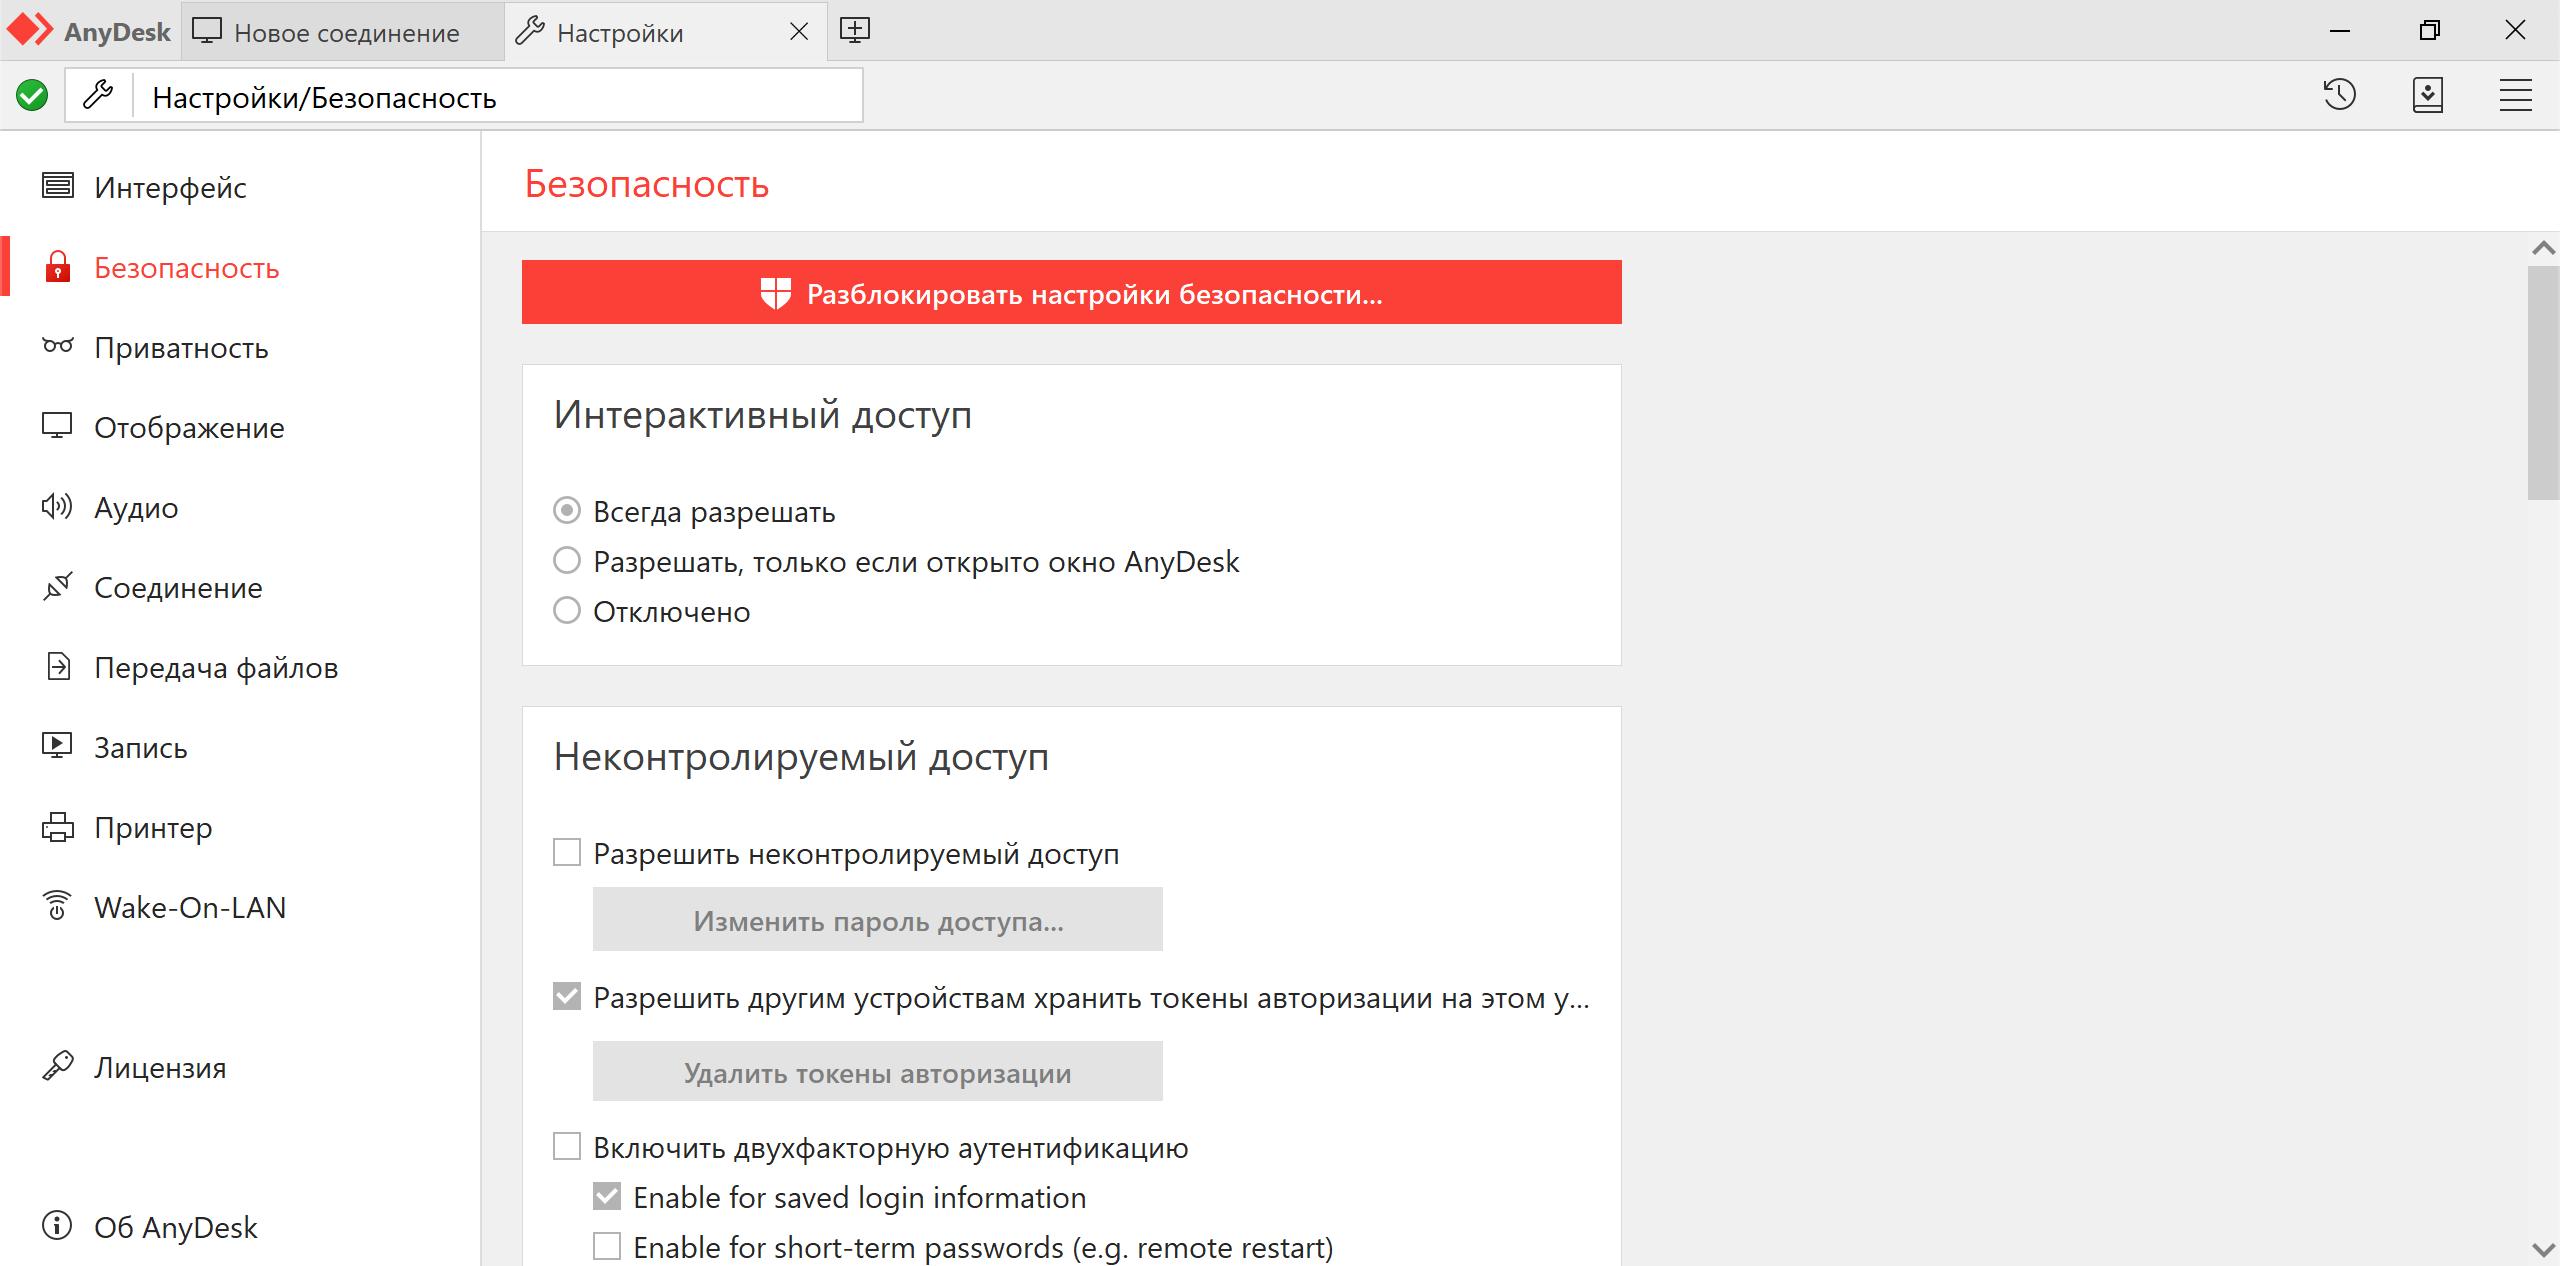 Настройки безопасности в AnyDesk